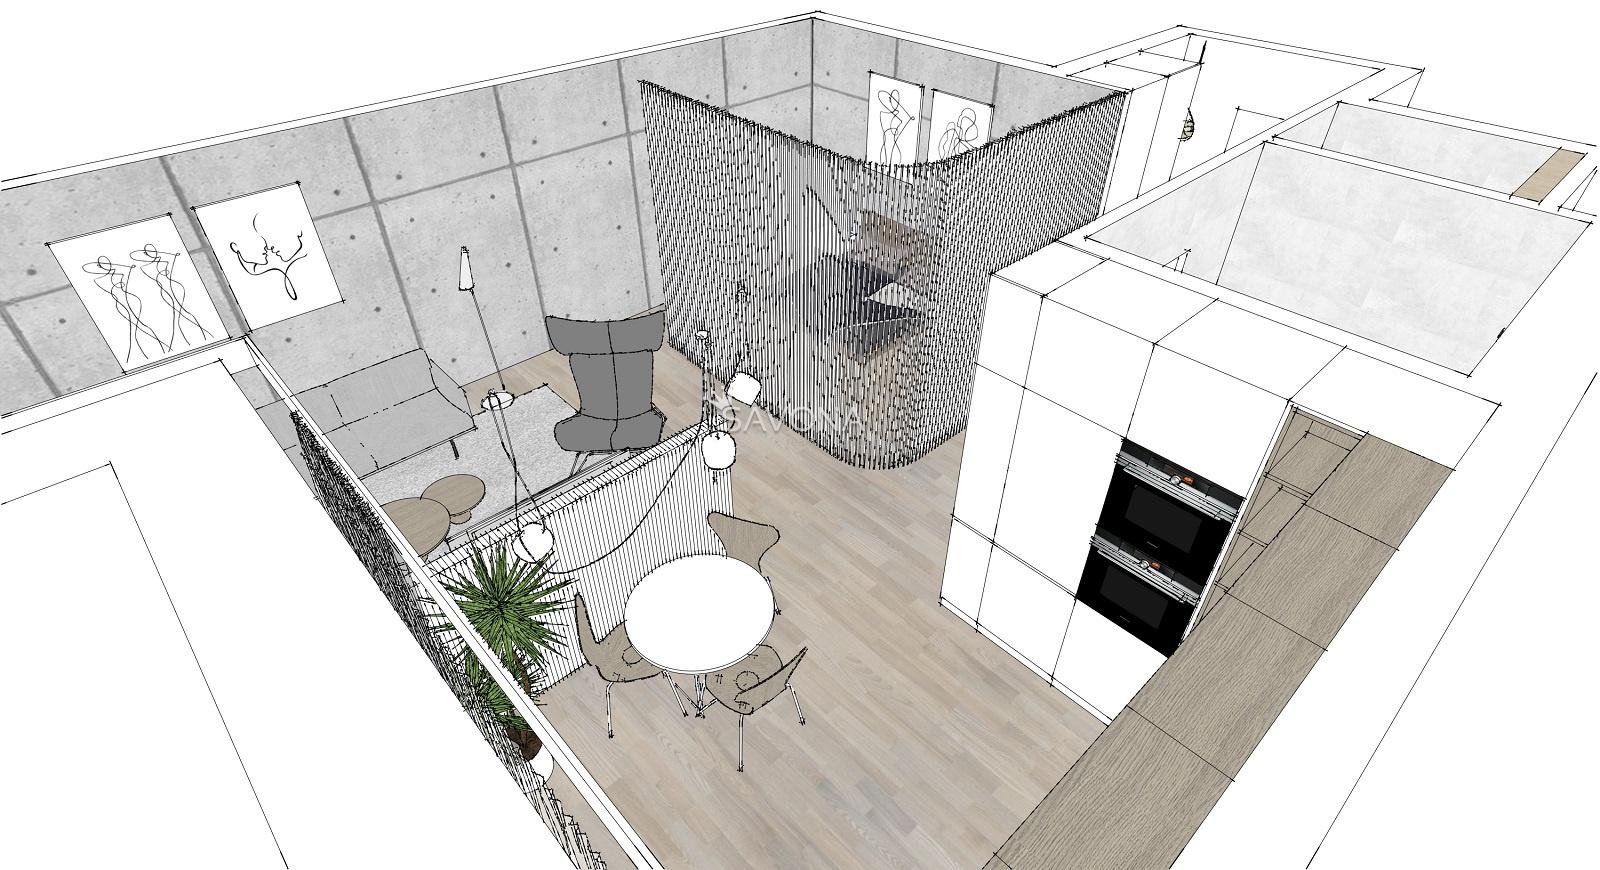 PREDANÝ - URSUS - B10 -  byt o výmere 54 m2 + parkovacie státie, sídlisko Západ - POPRAD